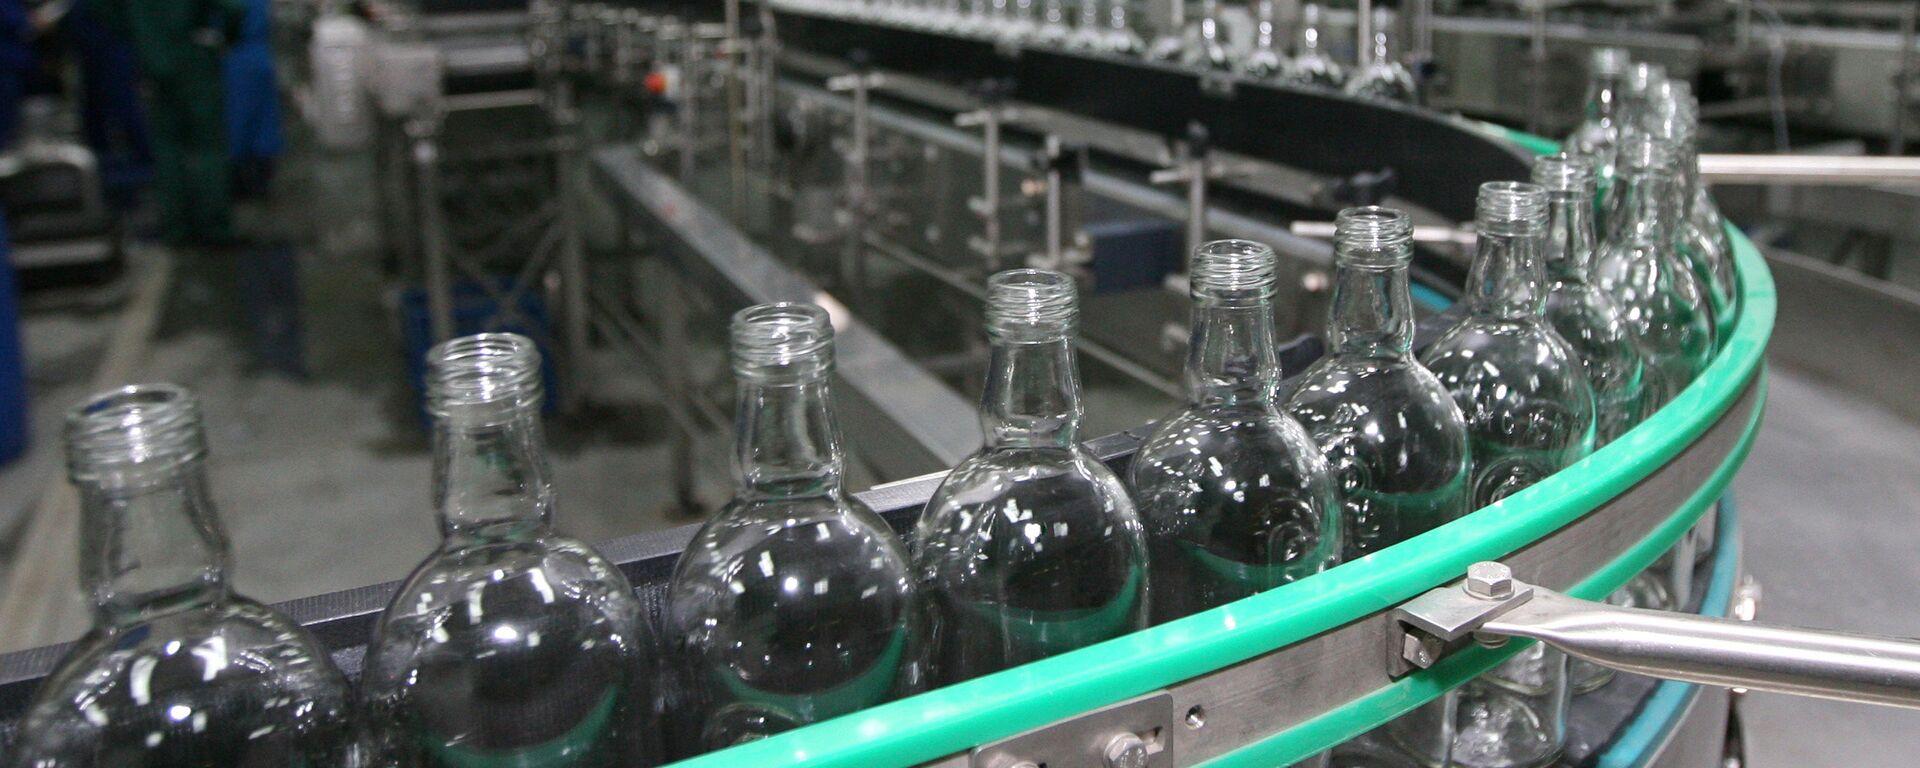 Сибирский ЛВЗ начал выпуск алкоголя - Sputnik Latvija, 1920, 13.11.2018